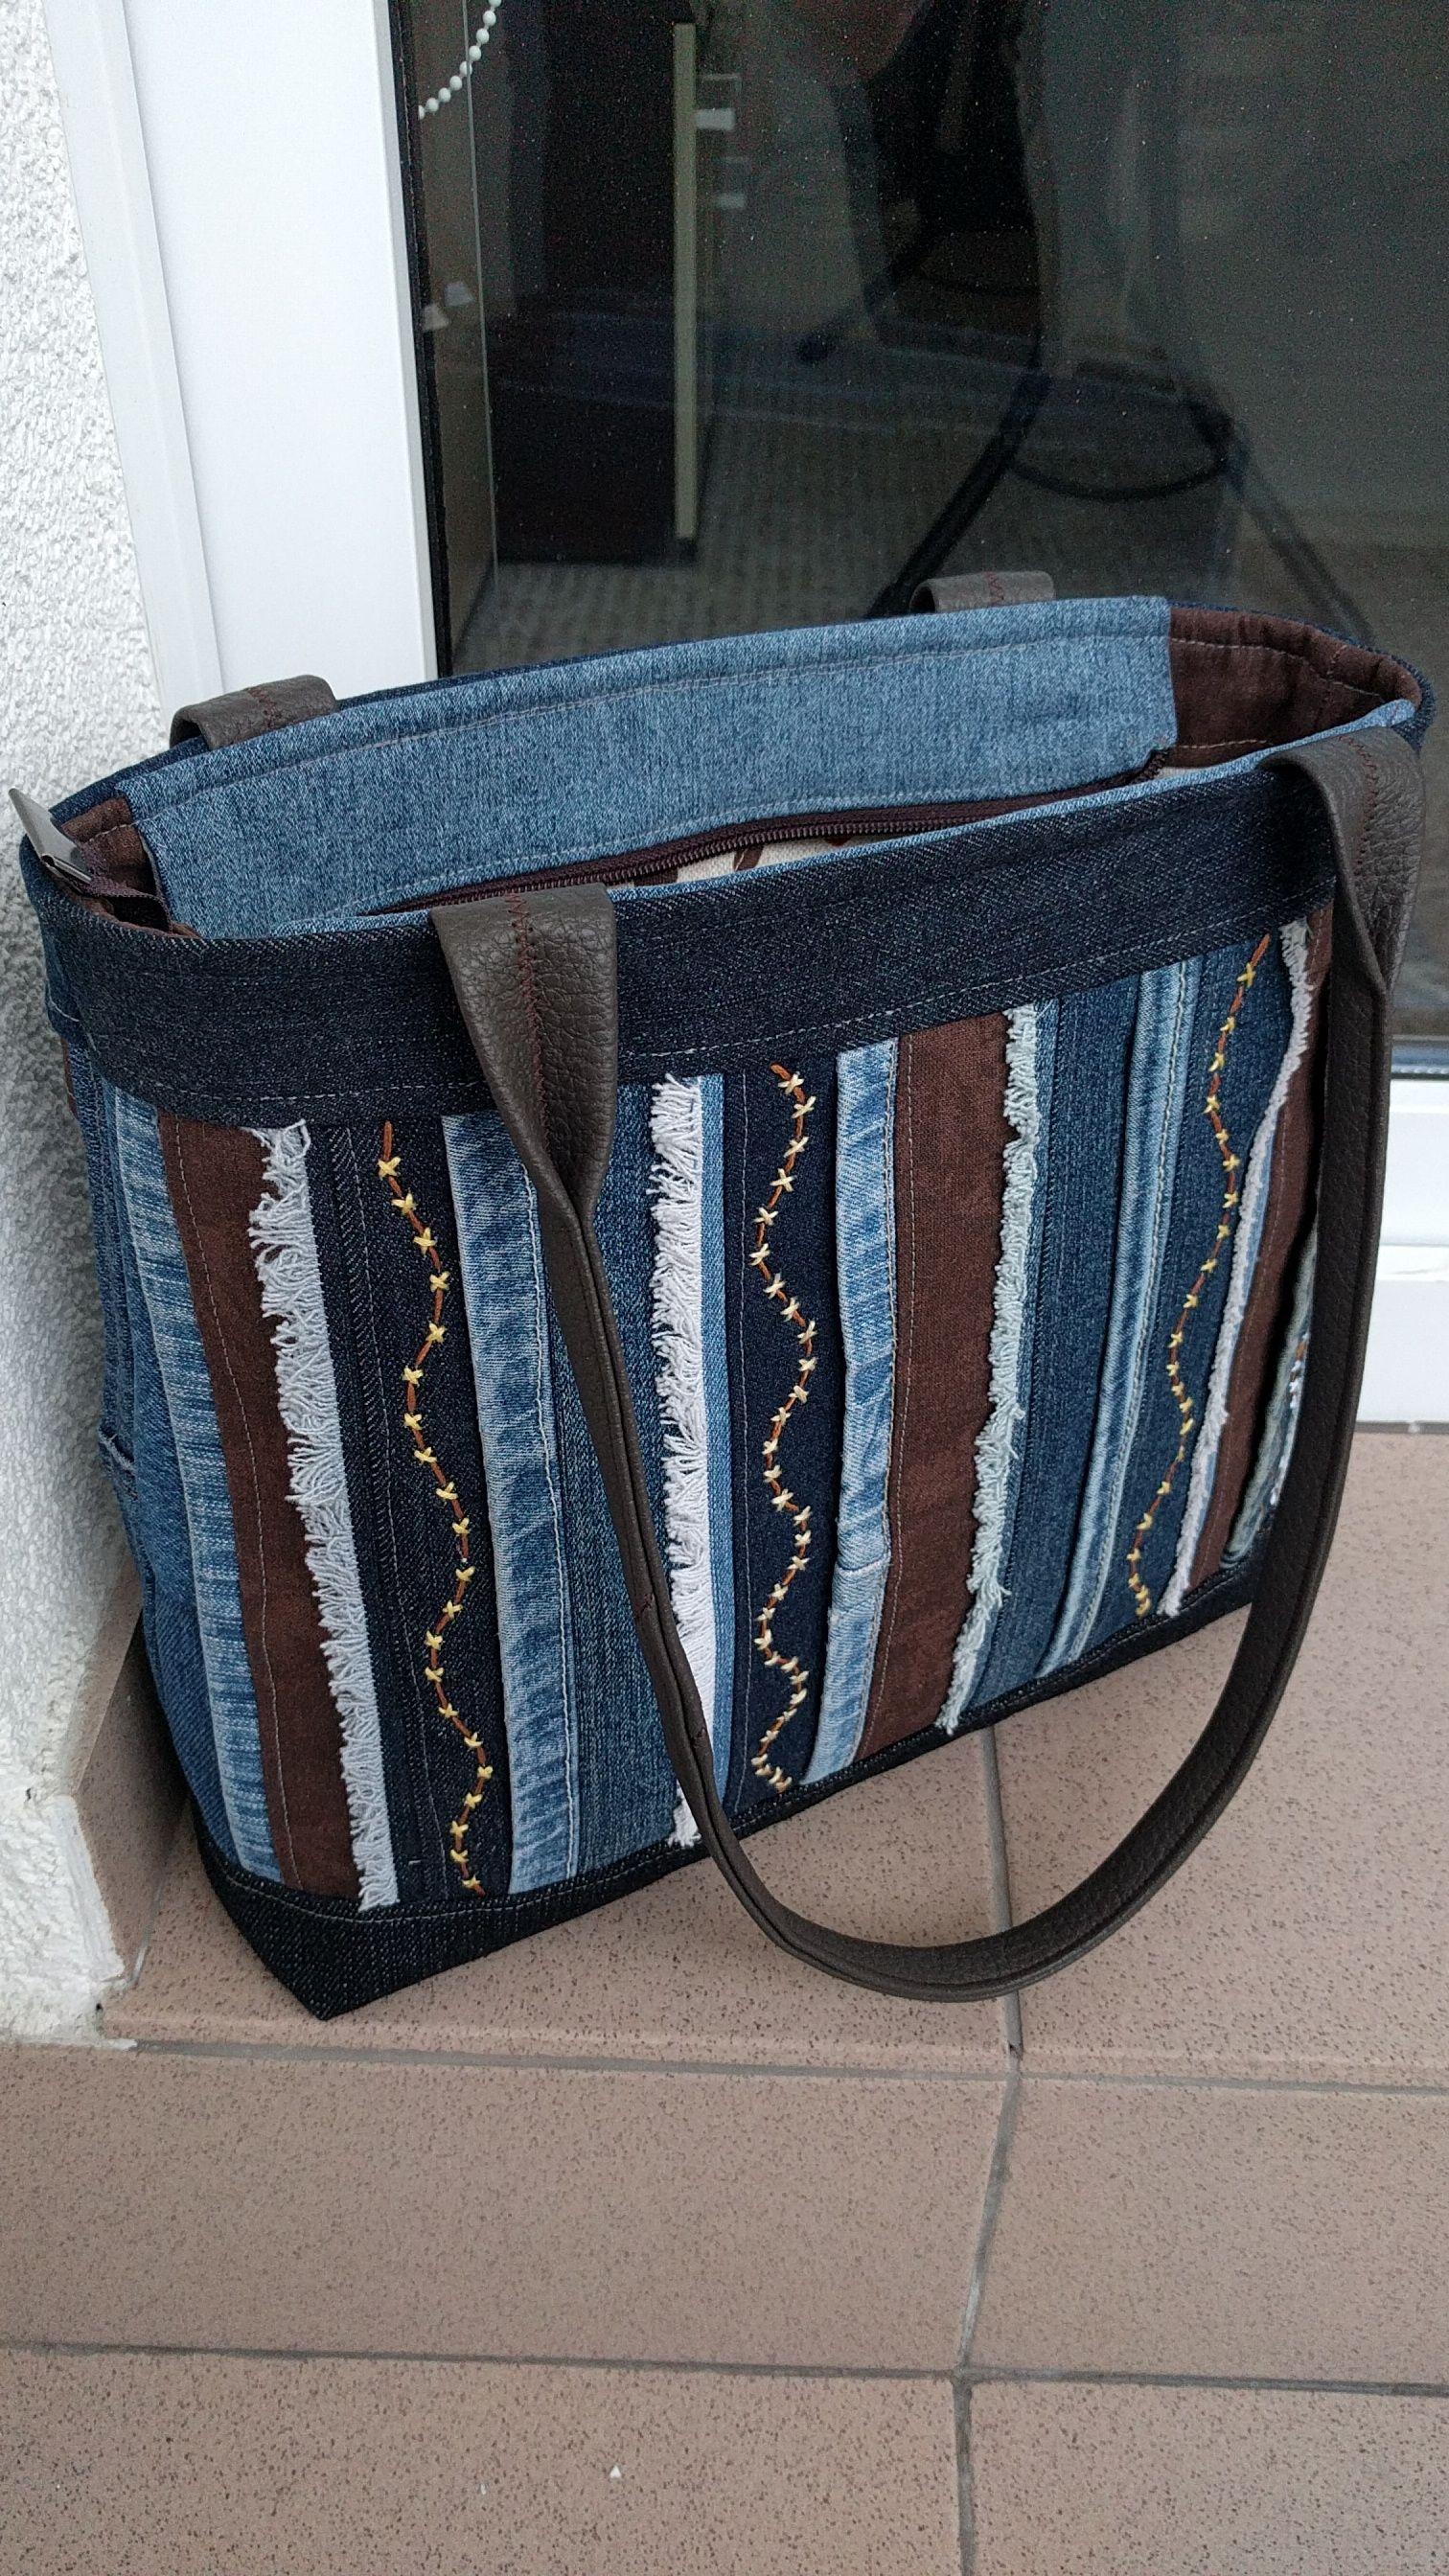 8b98ab0a5c Riflová+kabelka+s+pruhy+Krásná+riflová+kabelka+střední+velikosti +-+zaručený+originální+kousek.